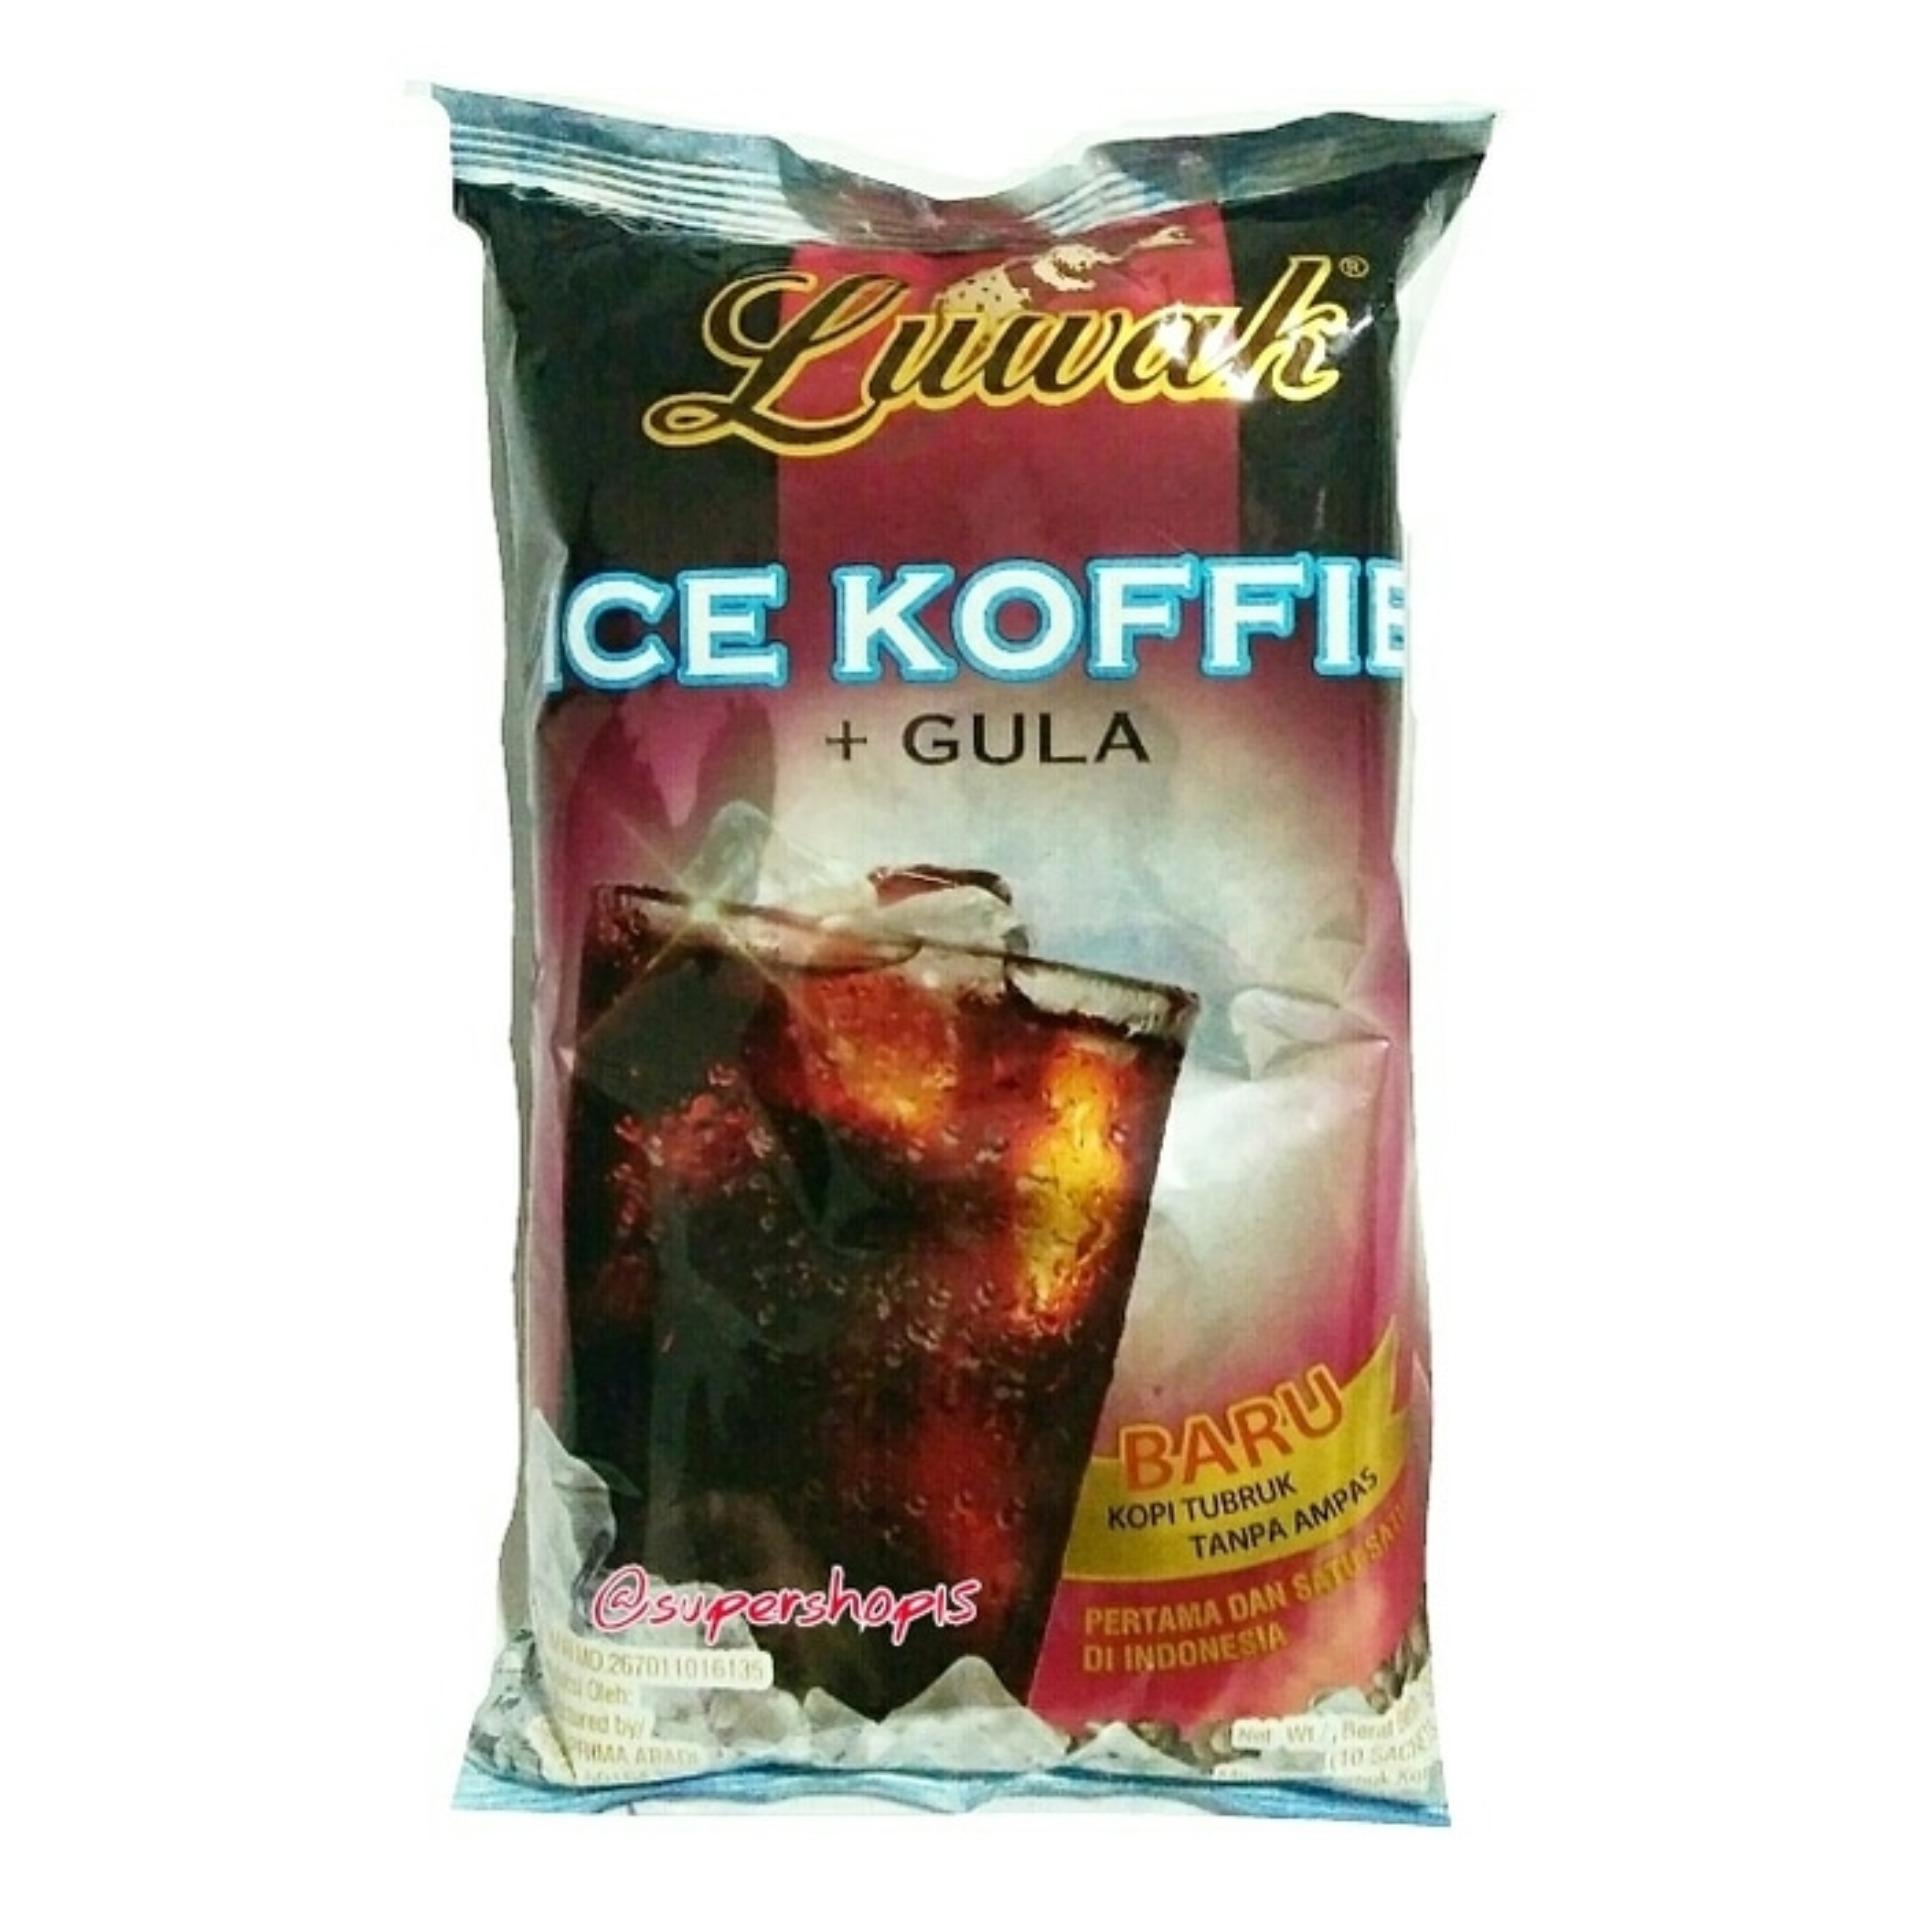 Lihat Luwak Kopi Gula Bag 10s Dan Harga Terbaru Informasi Cap Liong Bulan Super Shop15 Ice Koffie Isi 10